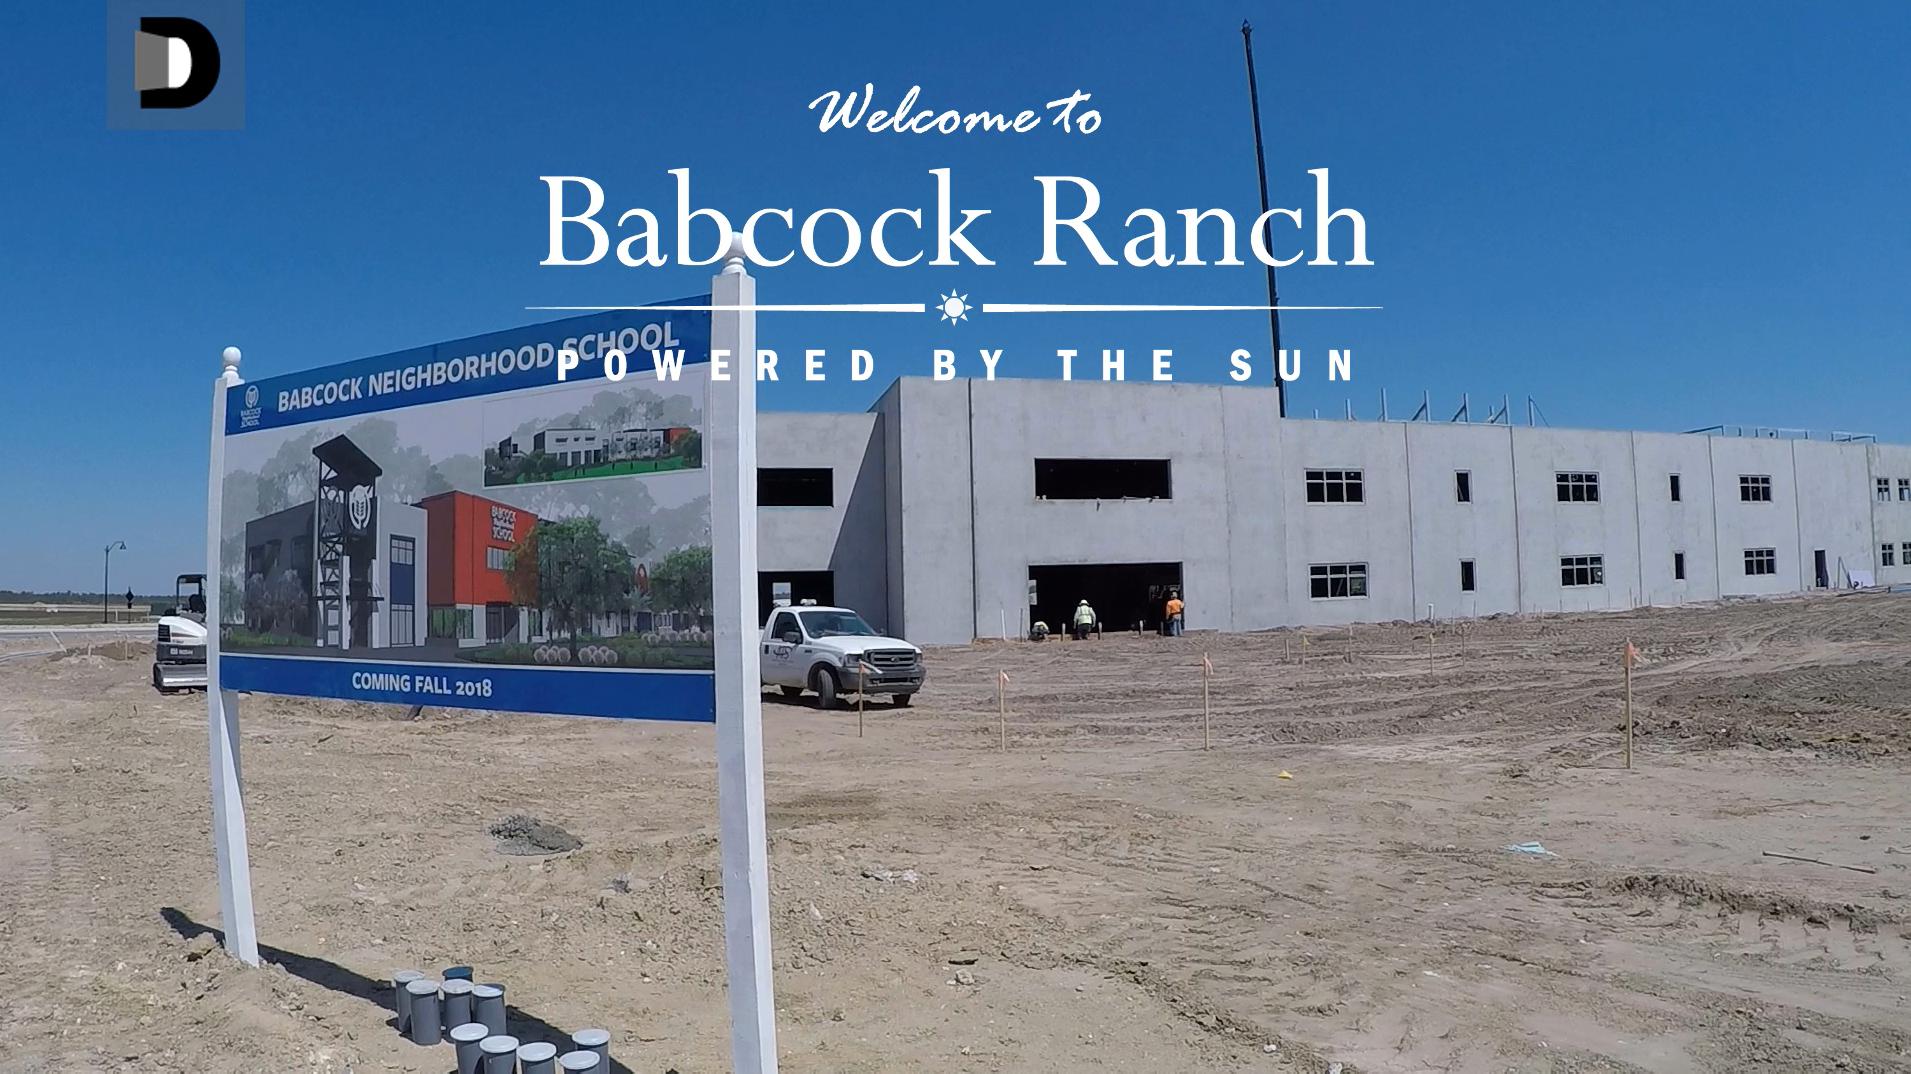 Babcock Ranch Neighborhood School